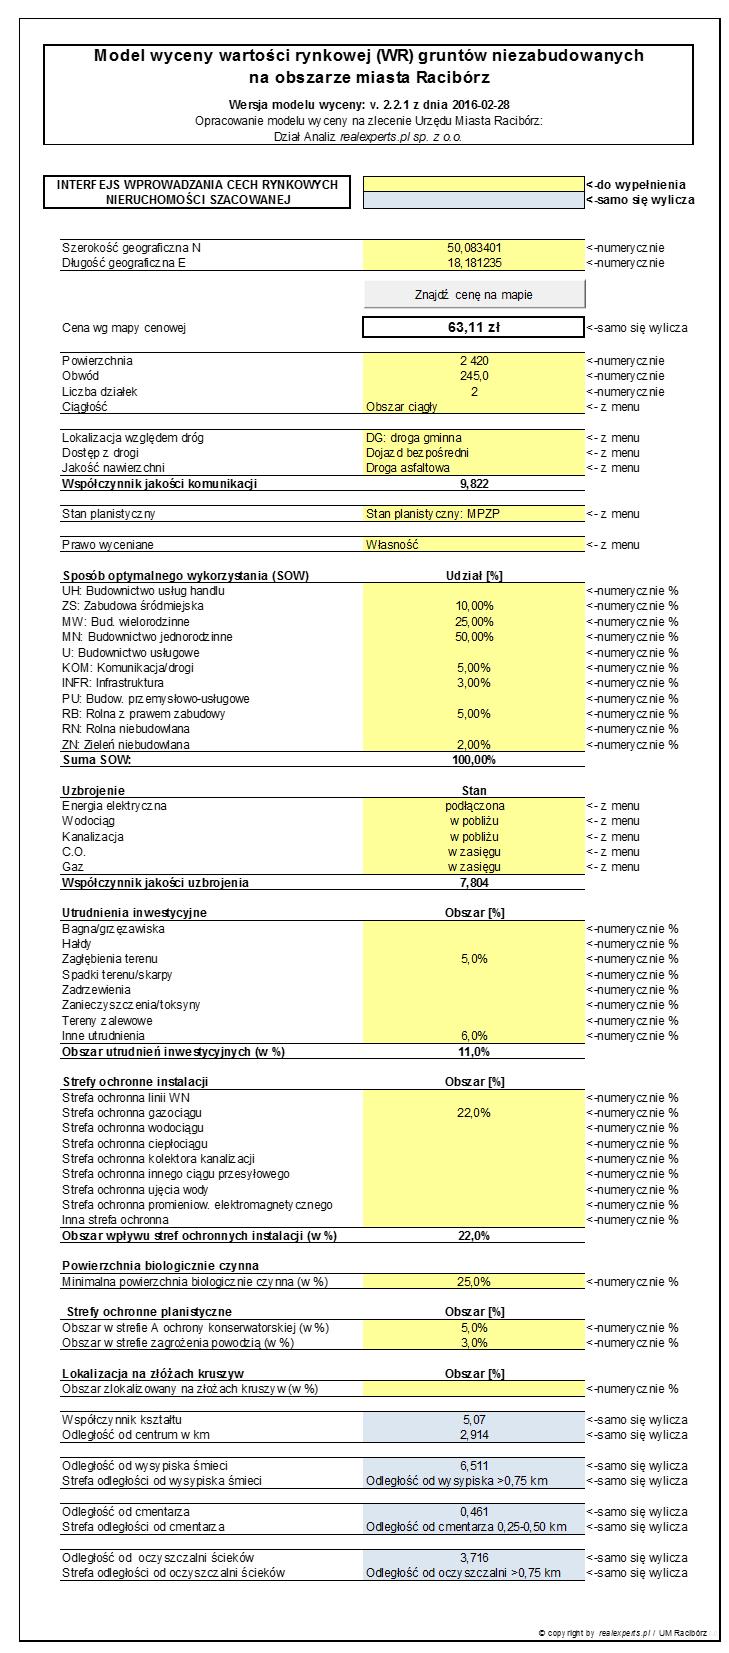 Interfejs wprowadzania danych - cech rynkowych nieruchomości szacowanej dla modelu wyceny gruntów w Raciborzu.